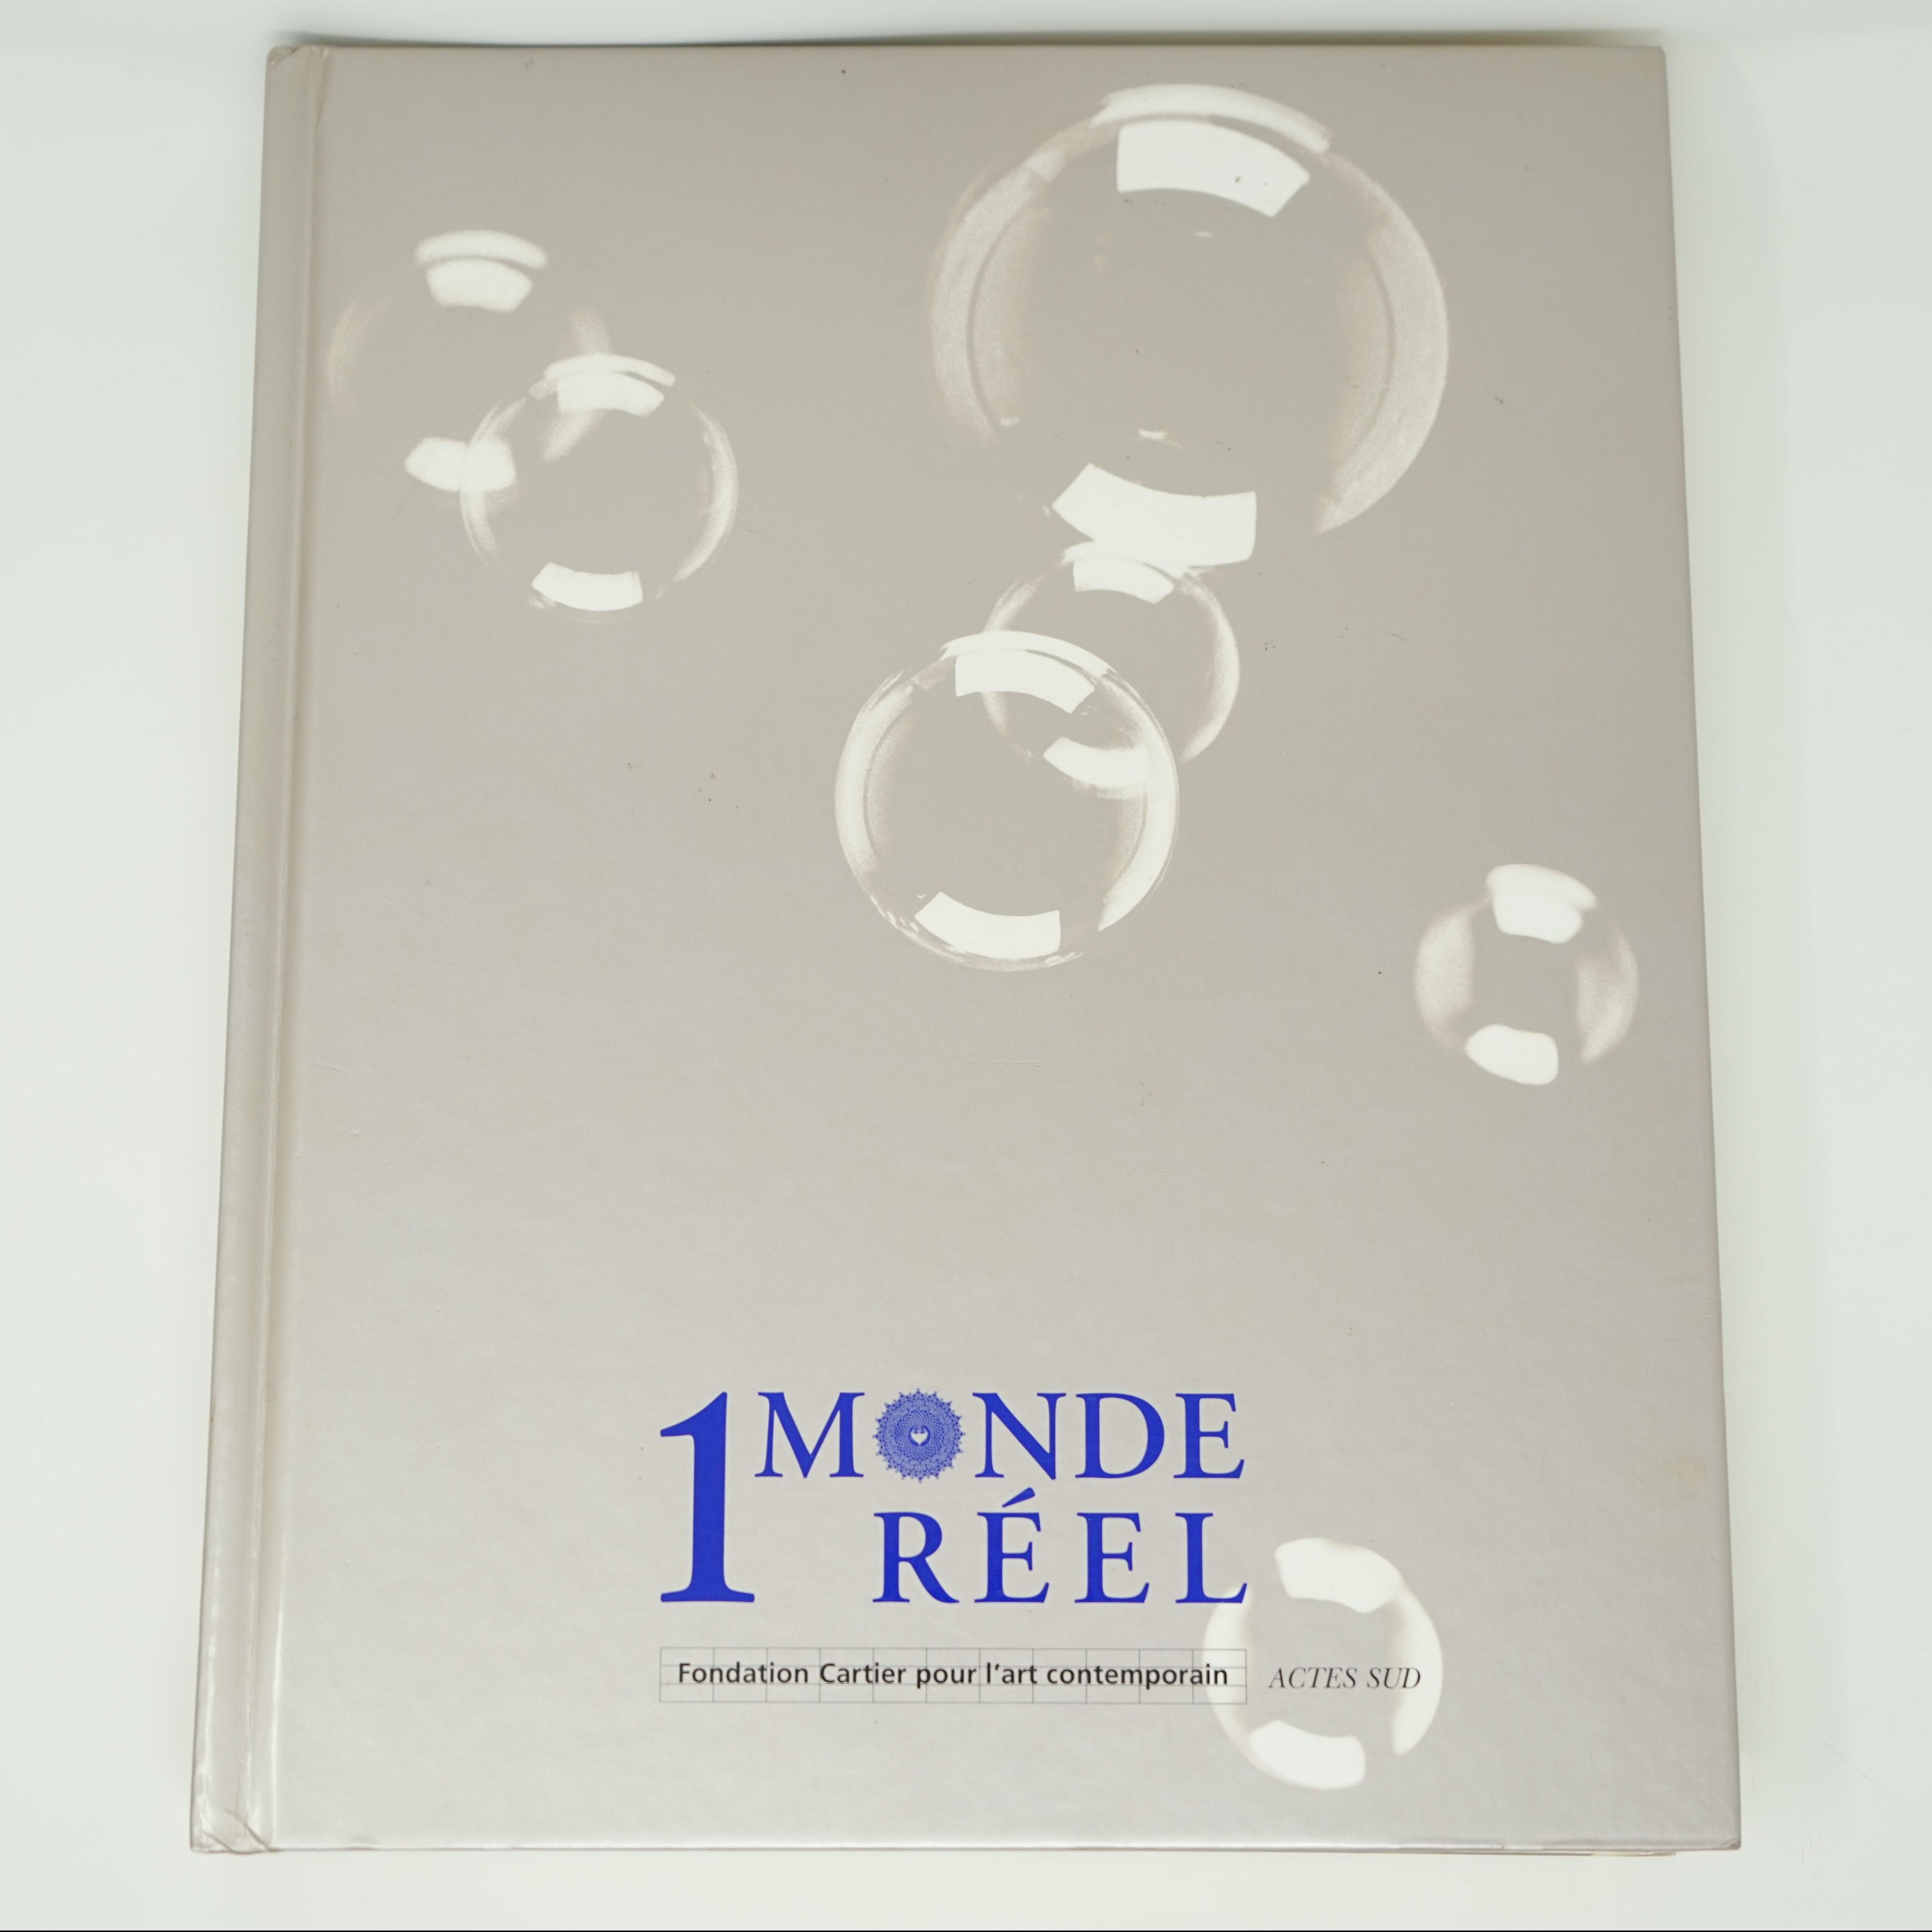 Livre 1 Monde Réel Fondation Cartier